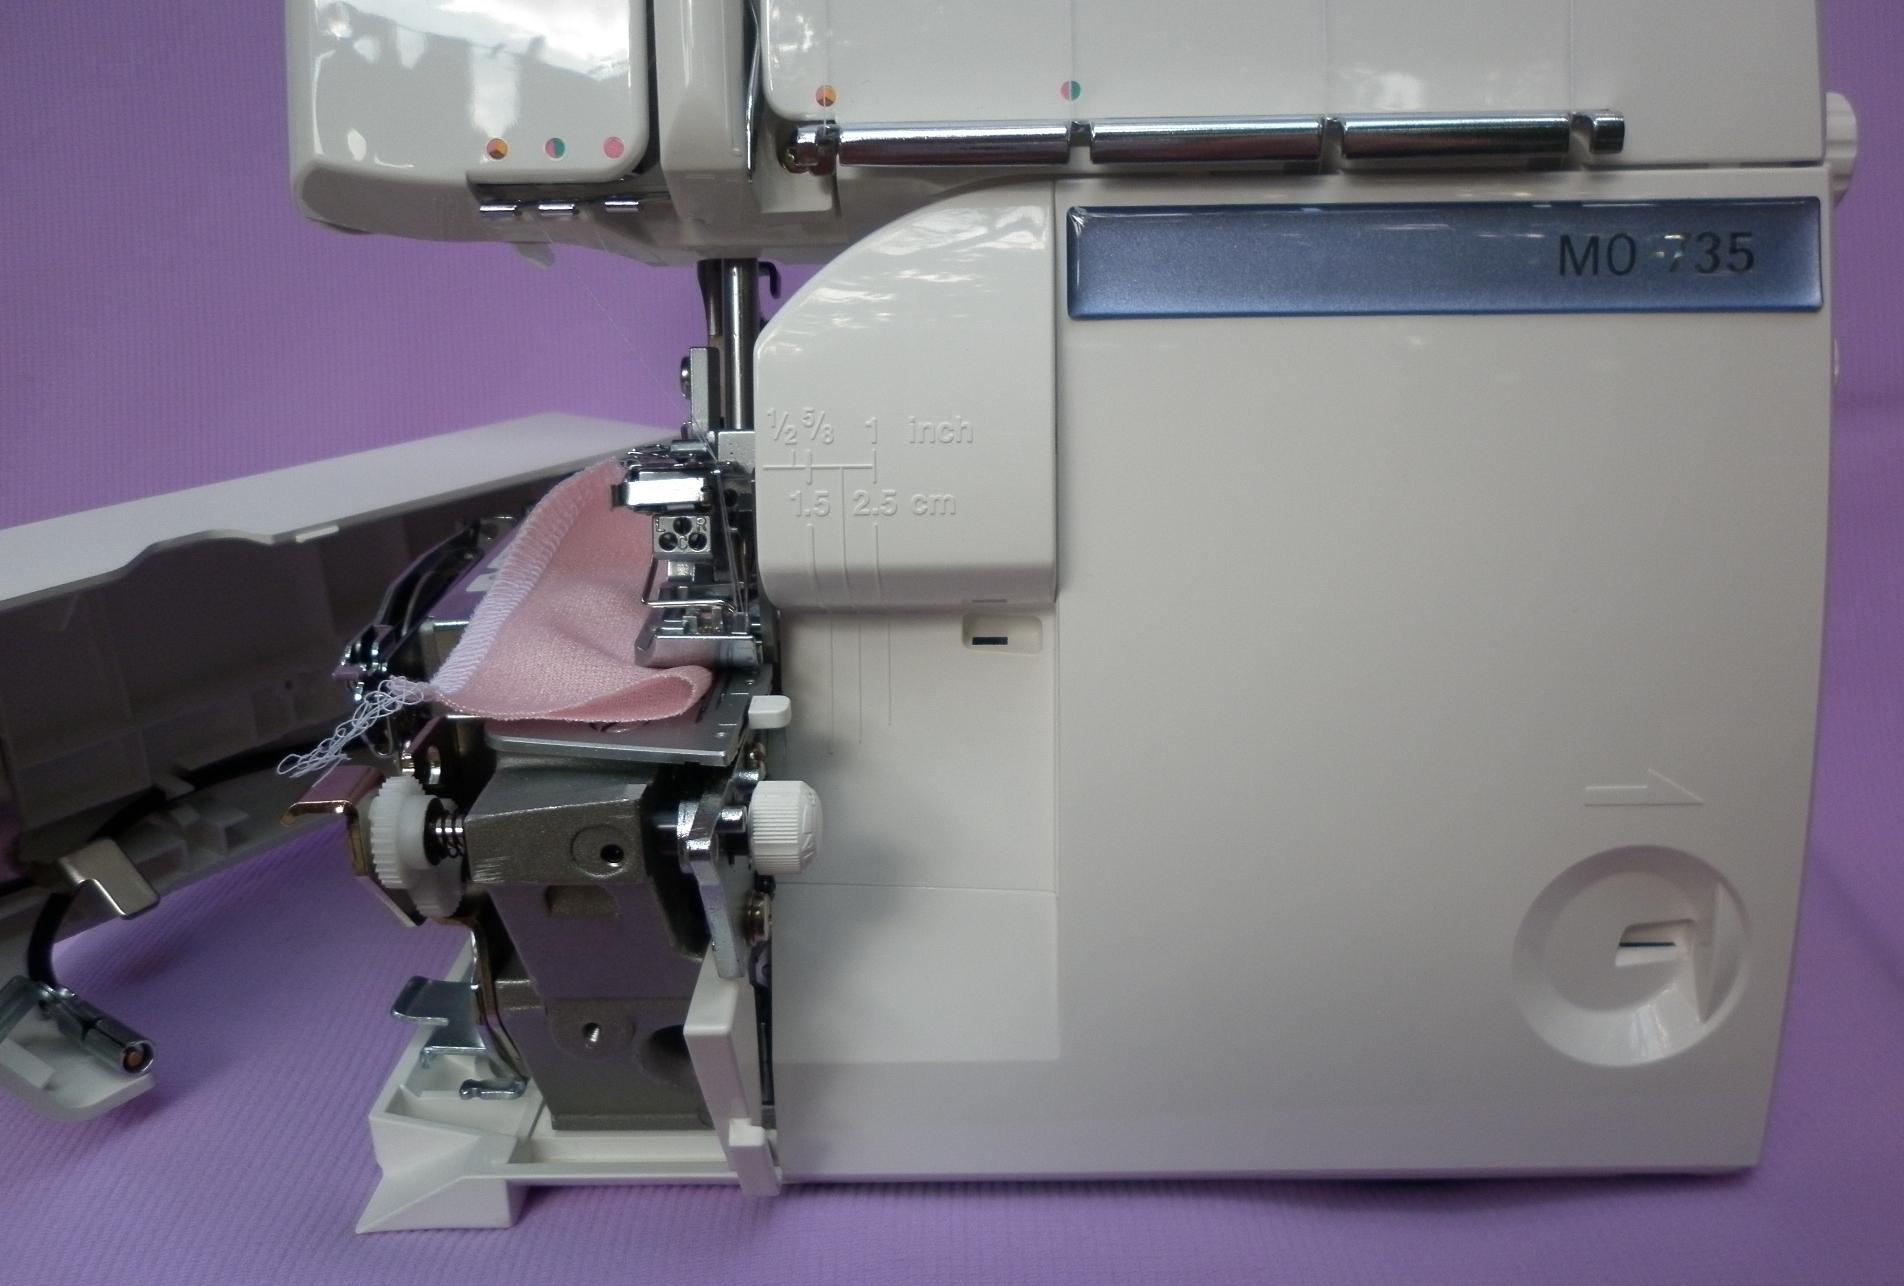 Коверлок JUKI MO 735 ( оверлок - распошивальная плоскошвная швейная машина ), обрезающие ножи, переключатель на ролевый шов, отключение обрезки ткани.